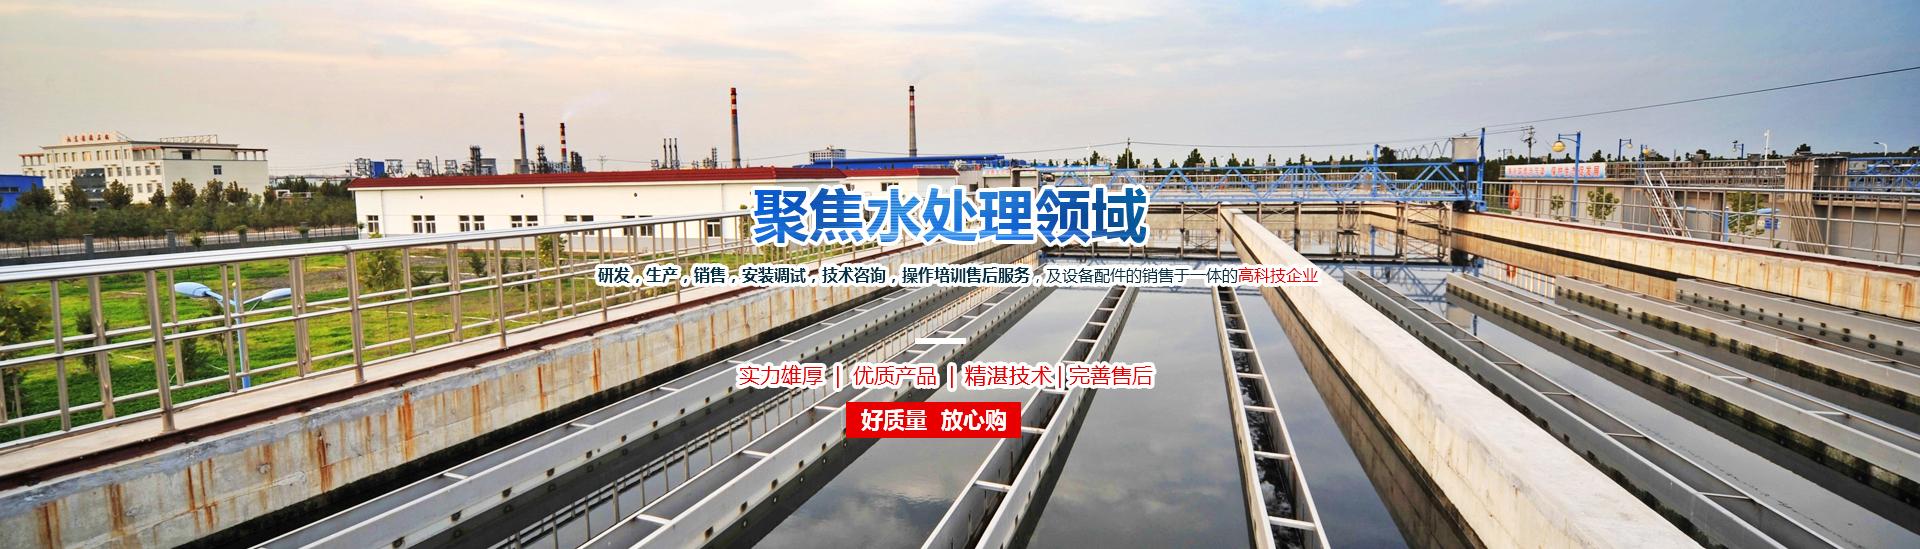 江西污水处理设备